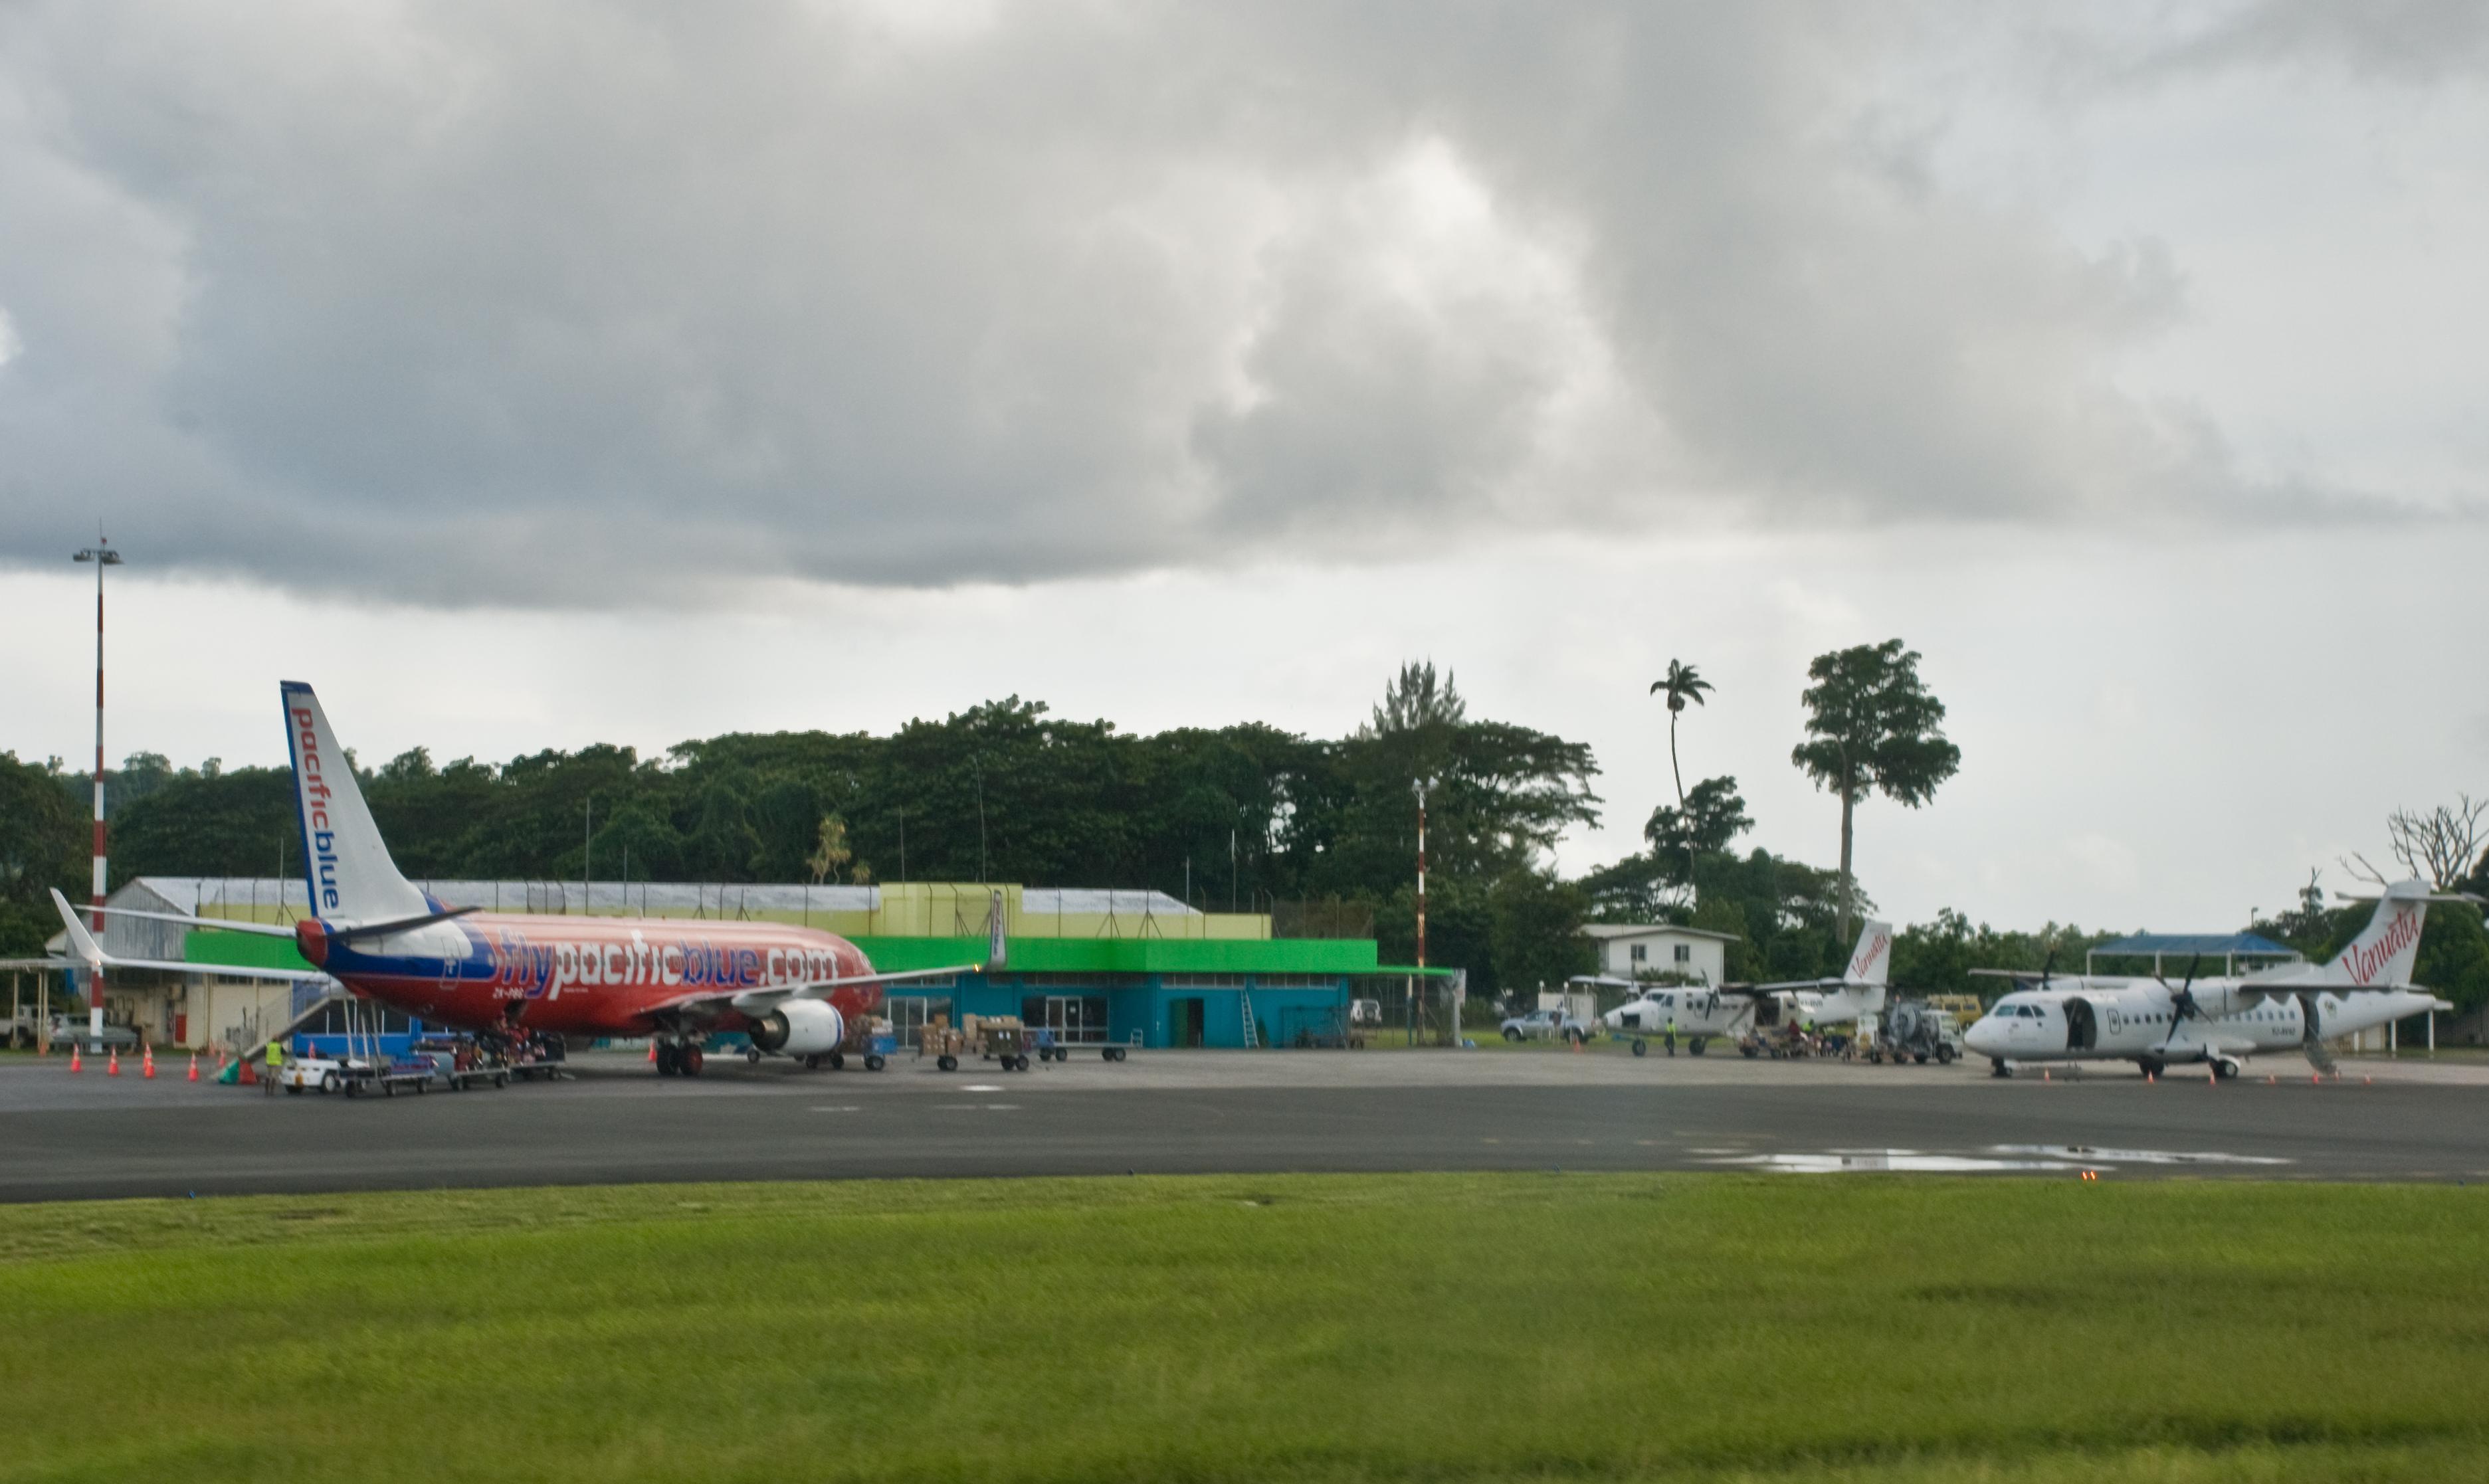 Аэропорт Лосуя (Losuia) коды IATA: LSA ICAO: AYKA город: Лосуя (Losuia) страна: Папуа - Новая Гвинея (Papua New Guinea)